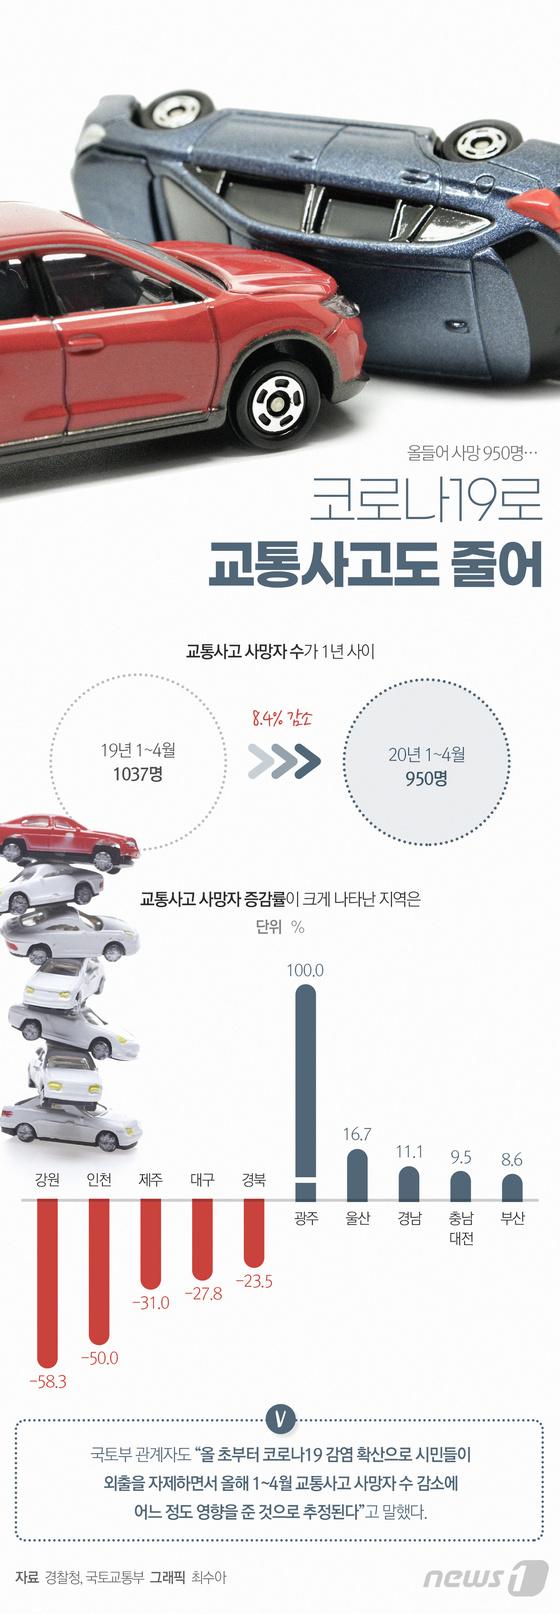 [그래픽뉴스] 코로나로 교통사고도 줄어